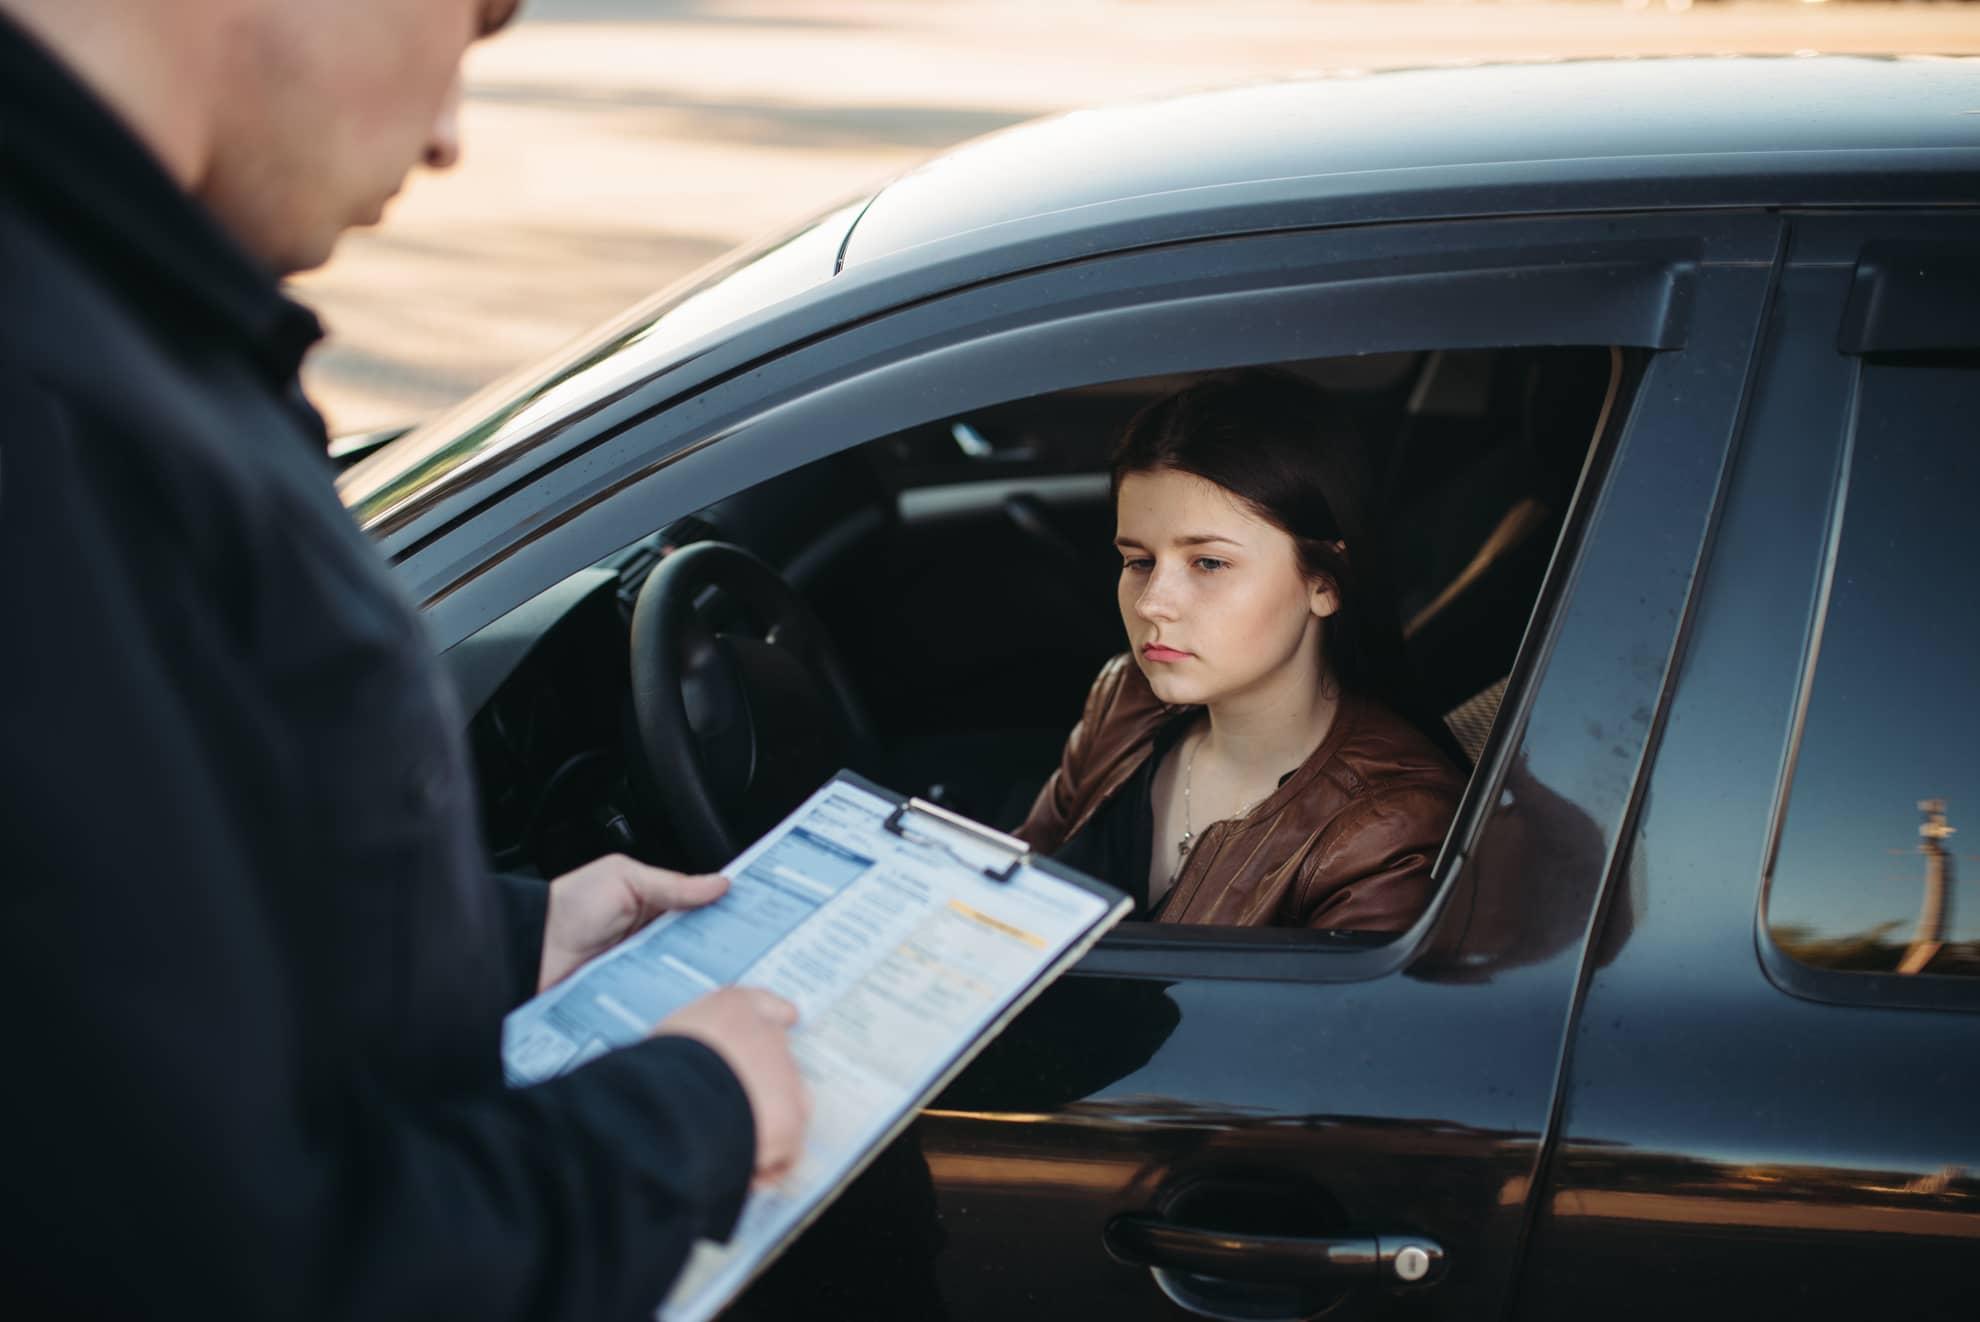 При рассмотрении дел о нарушении правил парковки возле остановок маршрутного транспорта обязательным является измерение дистанции. Адвокат Запорожье. Линия права